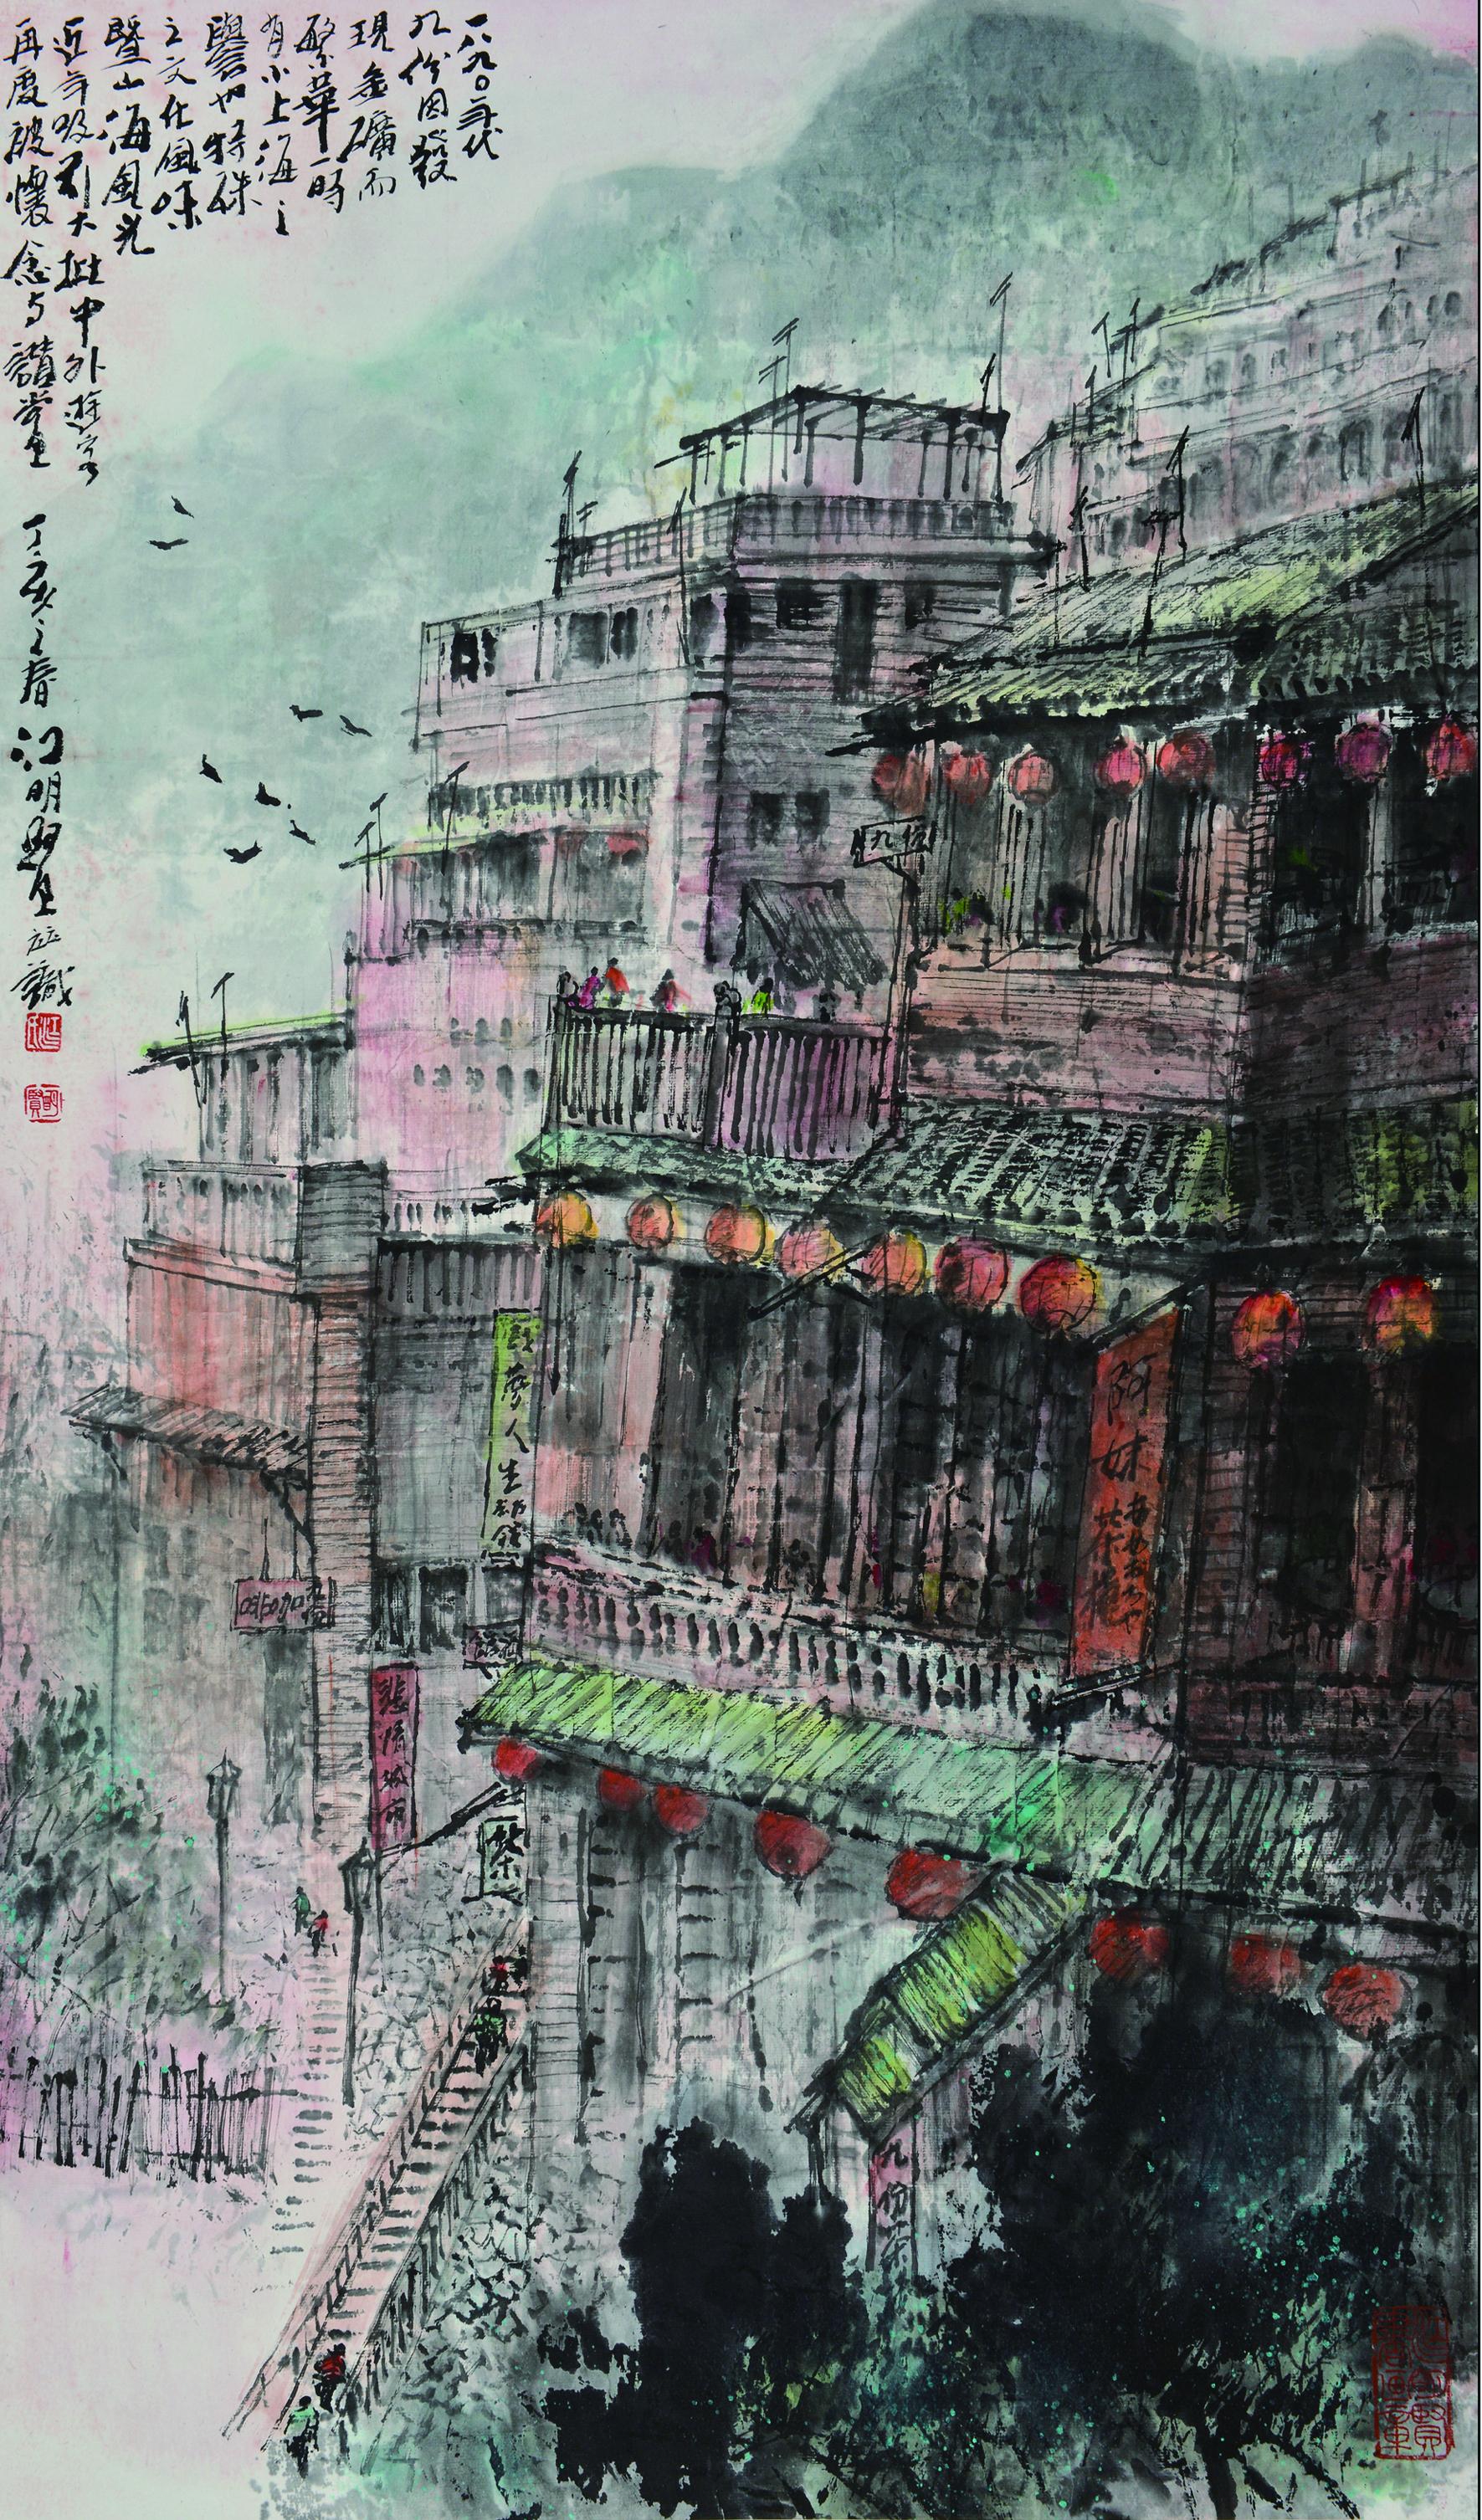 江明賢 九份老街